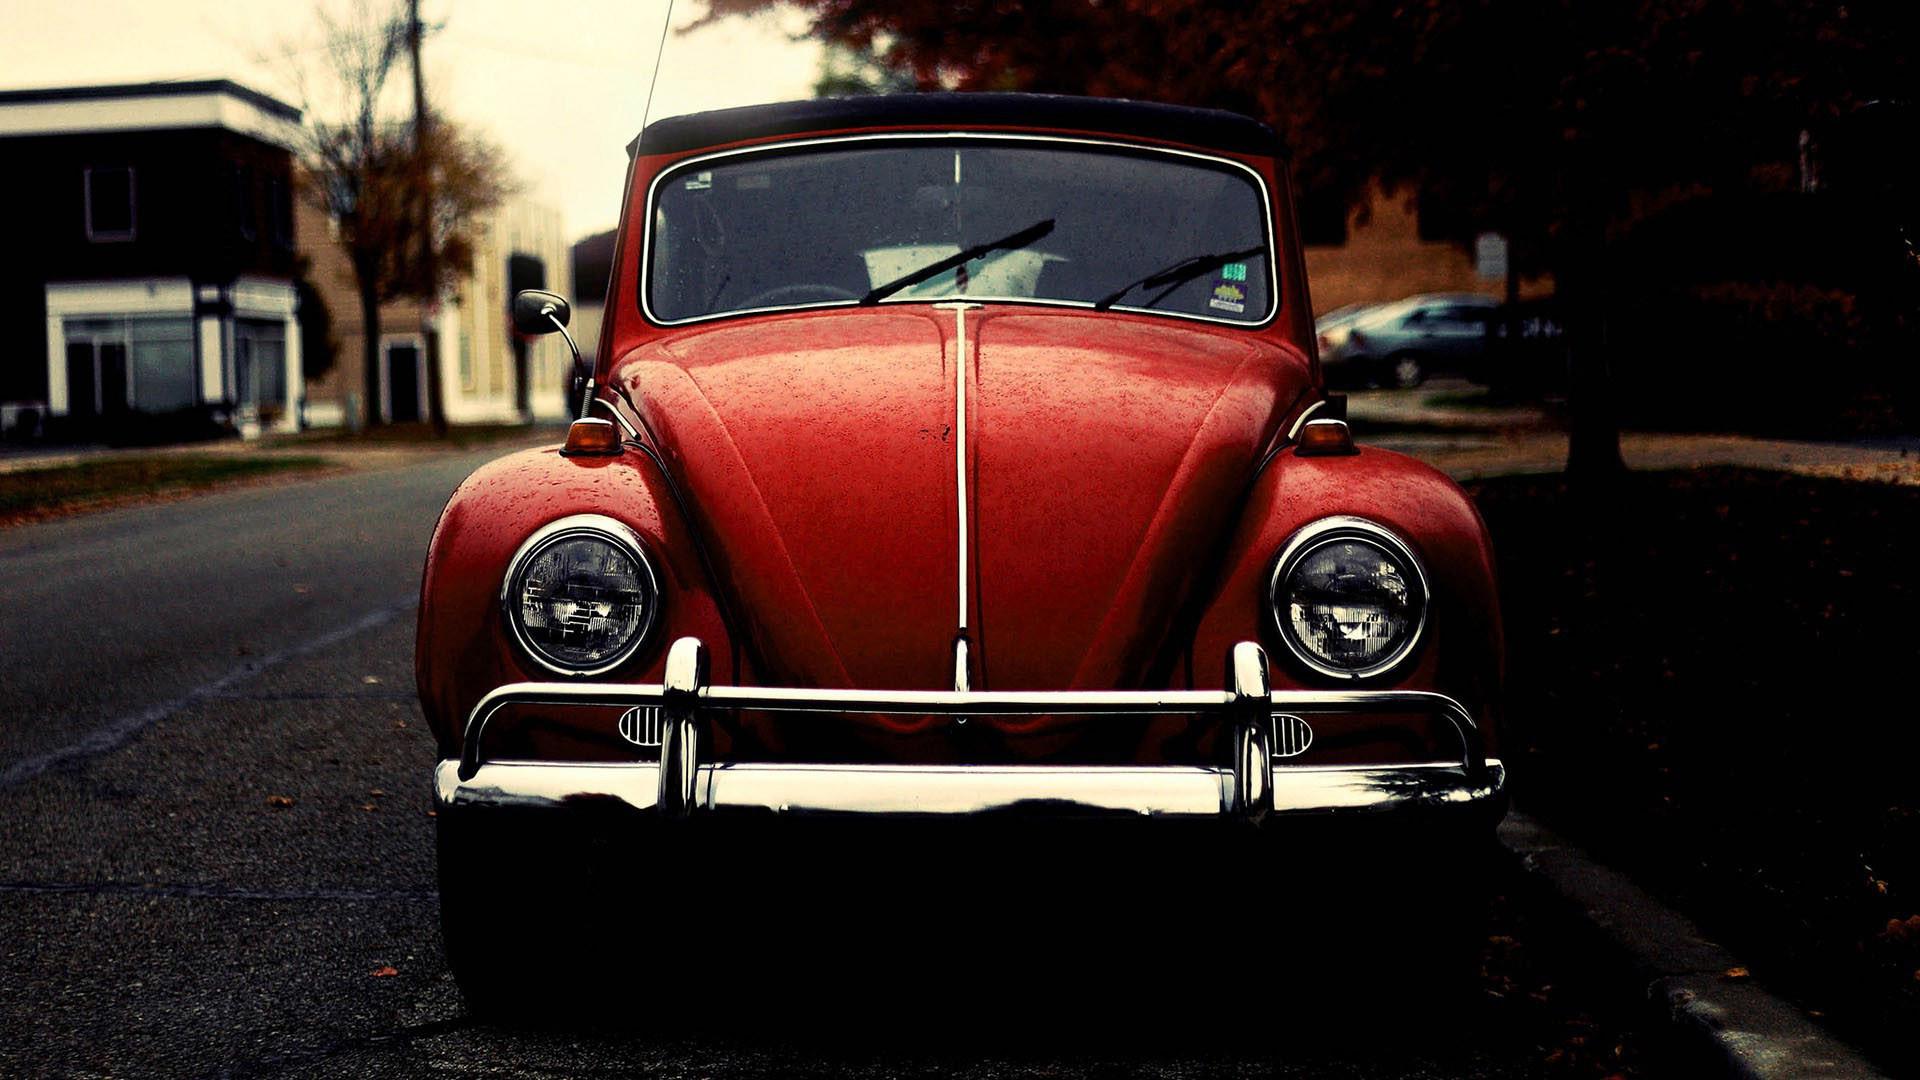 Res: 1920x1080, Bug Beetle Classic Car Wallpaper HD